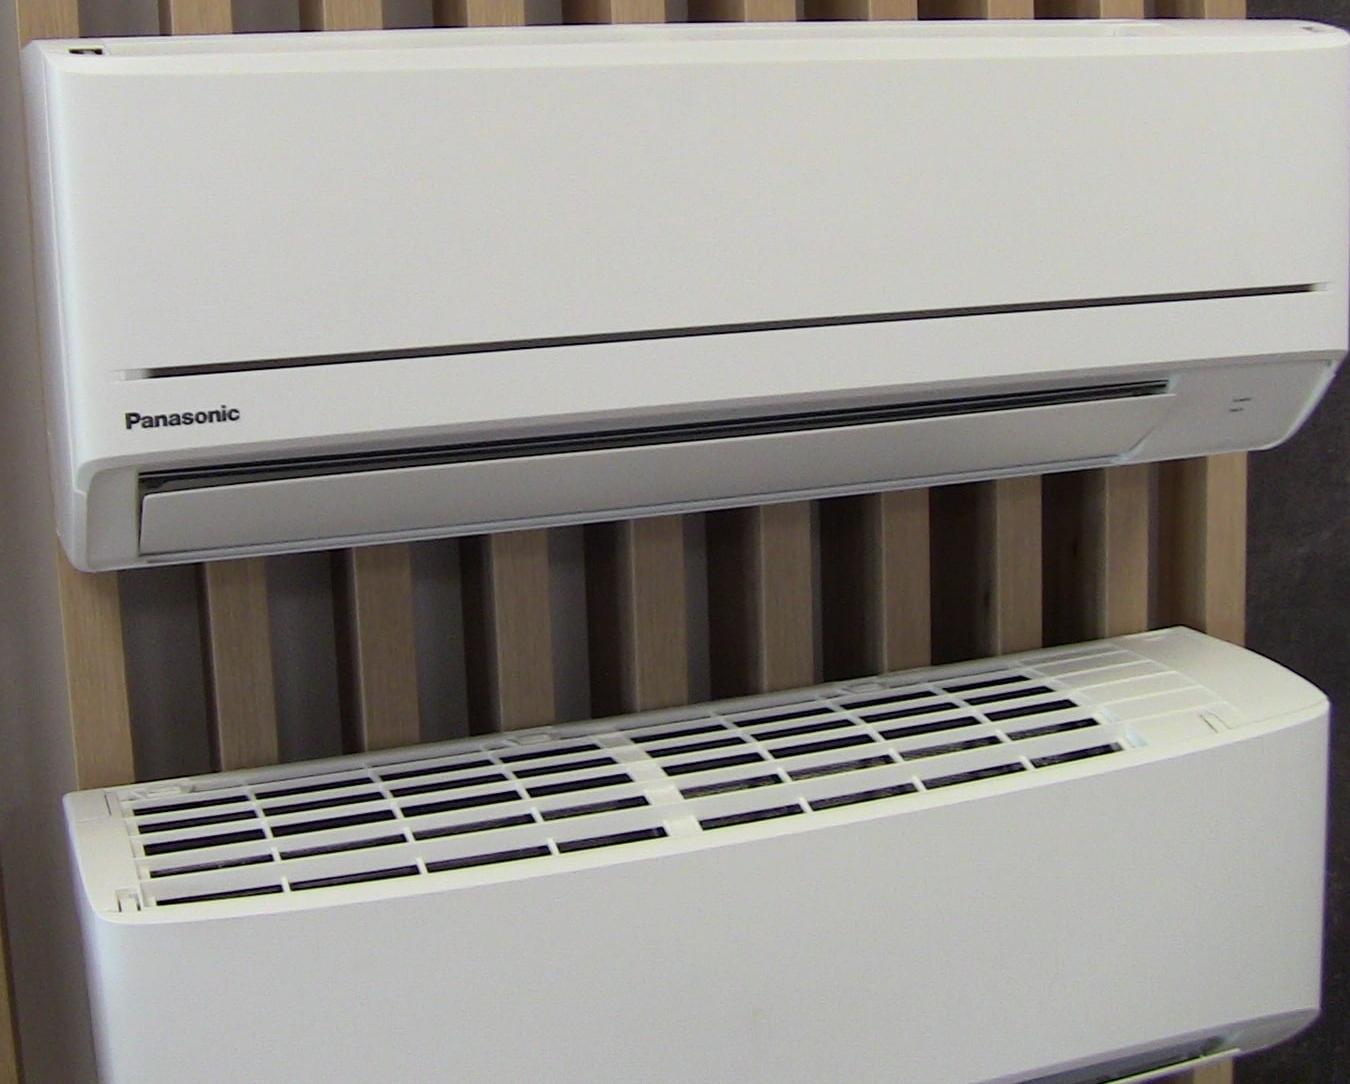 Зображення кондиціонерів Panasonic для ВАС